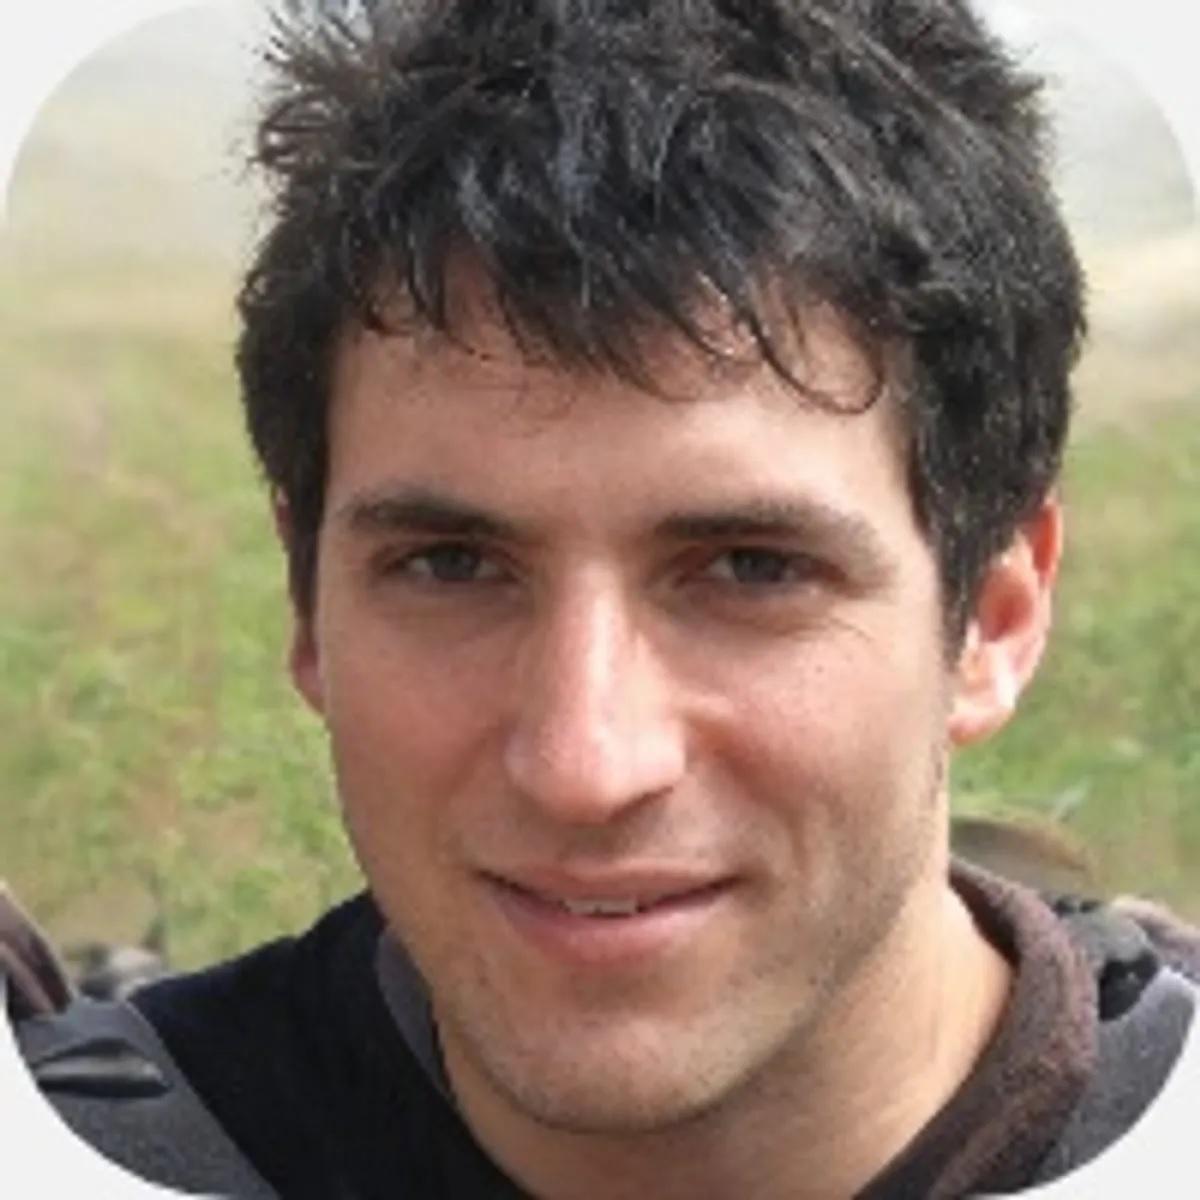 Jorge Lima - Criador de conteúdo